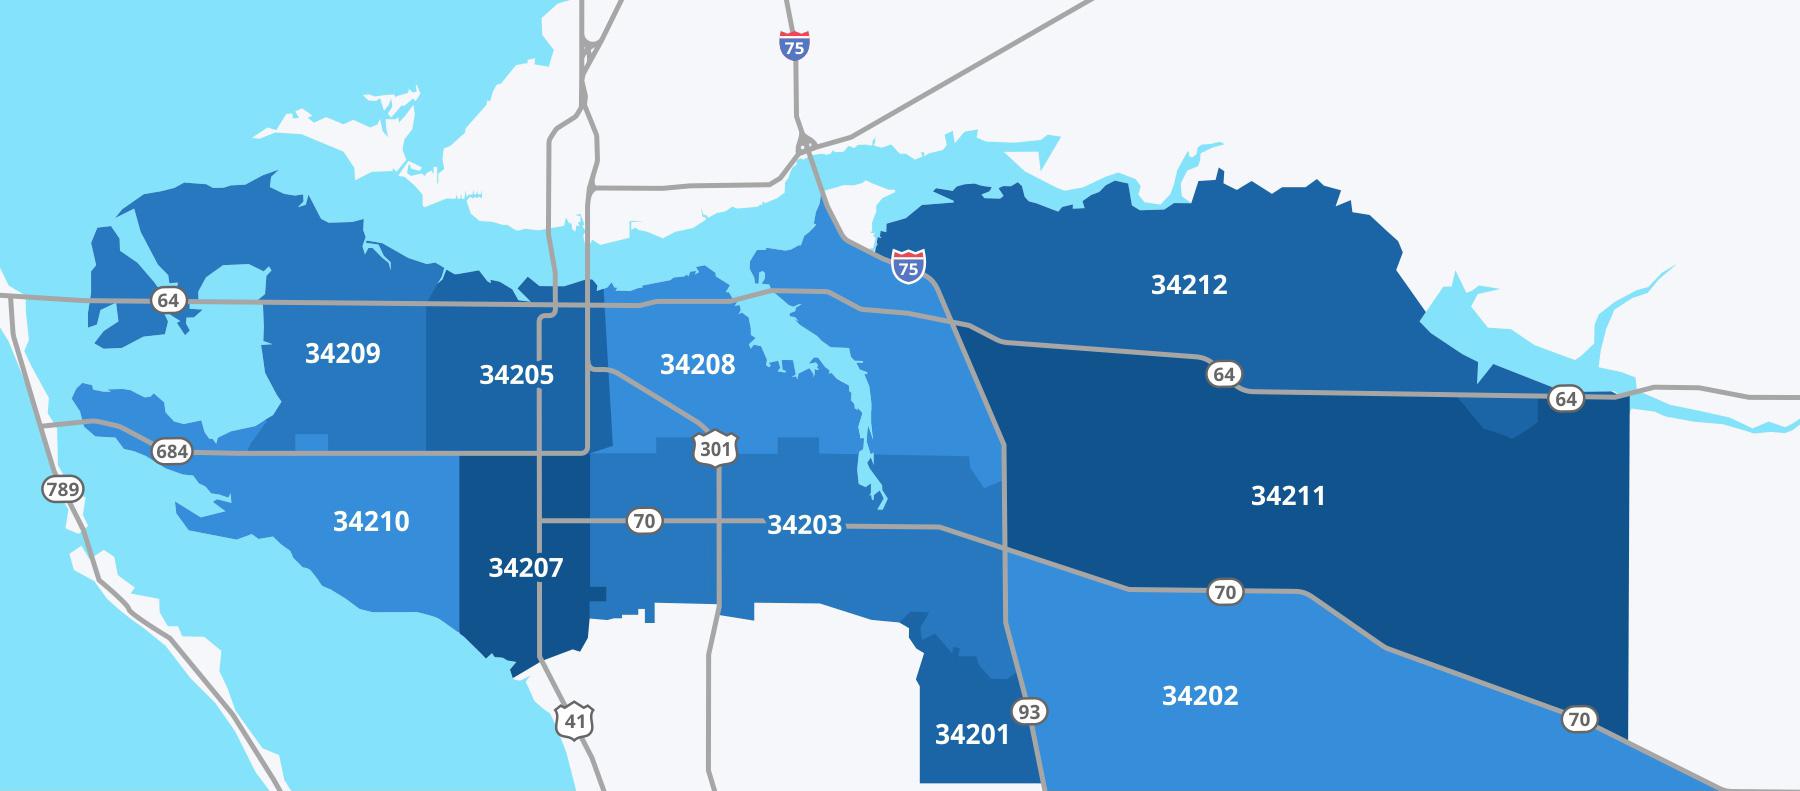 Bradenton, FL Real Estate & Homes for Sale - realtor.com®